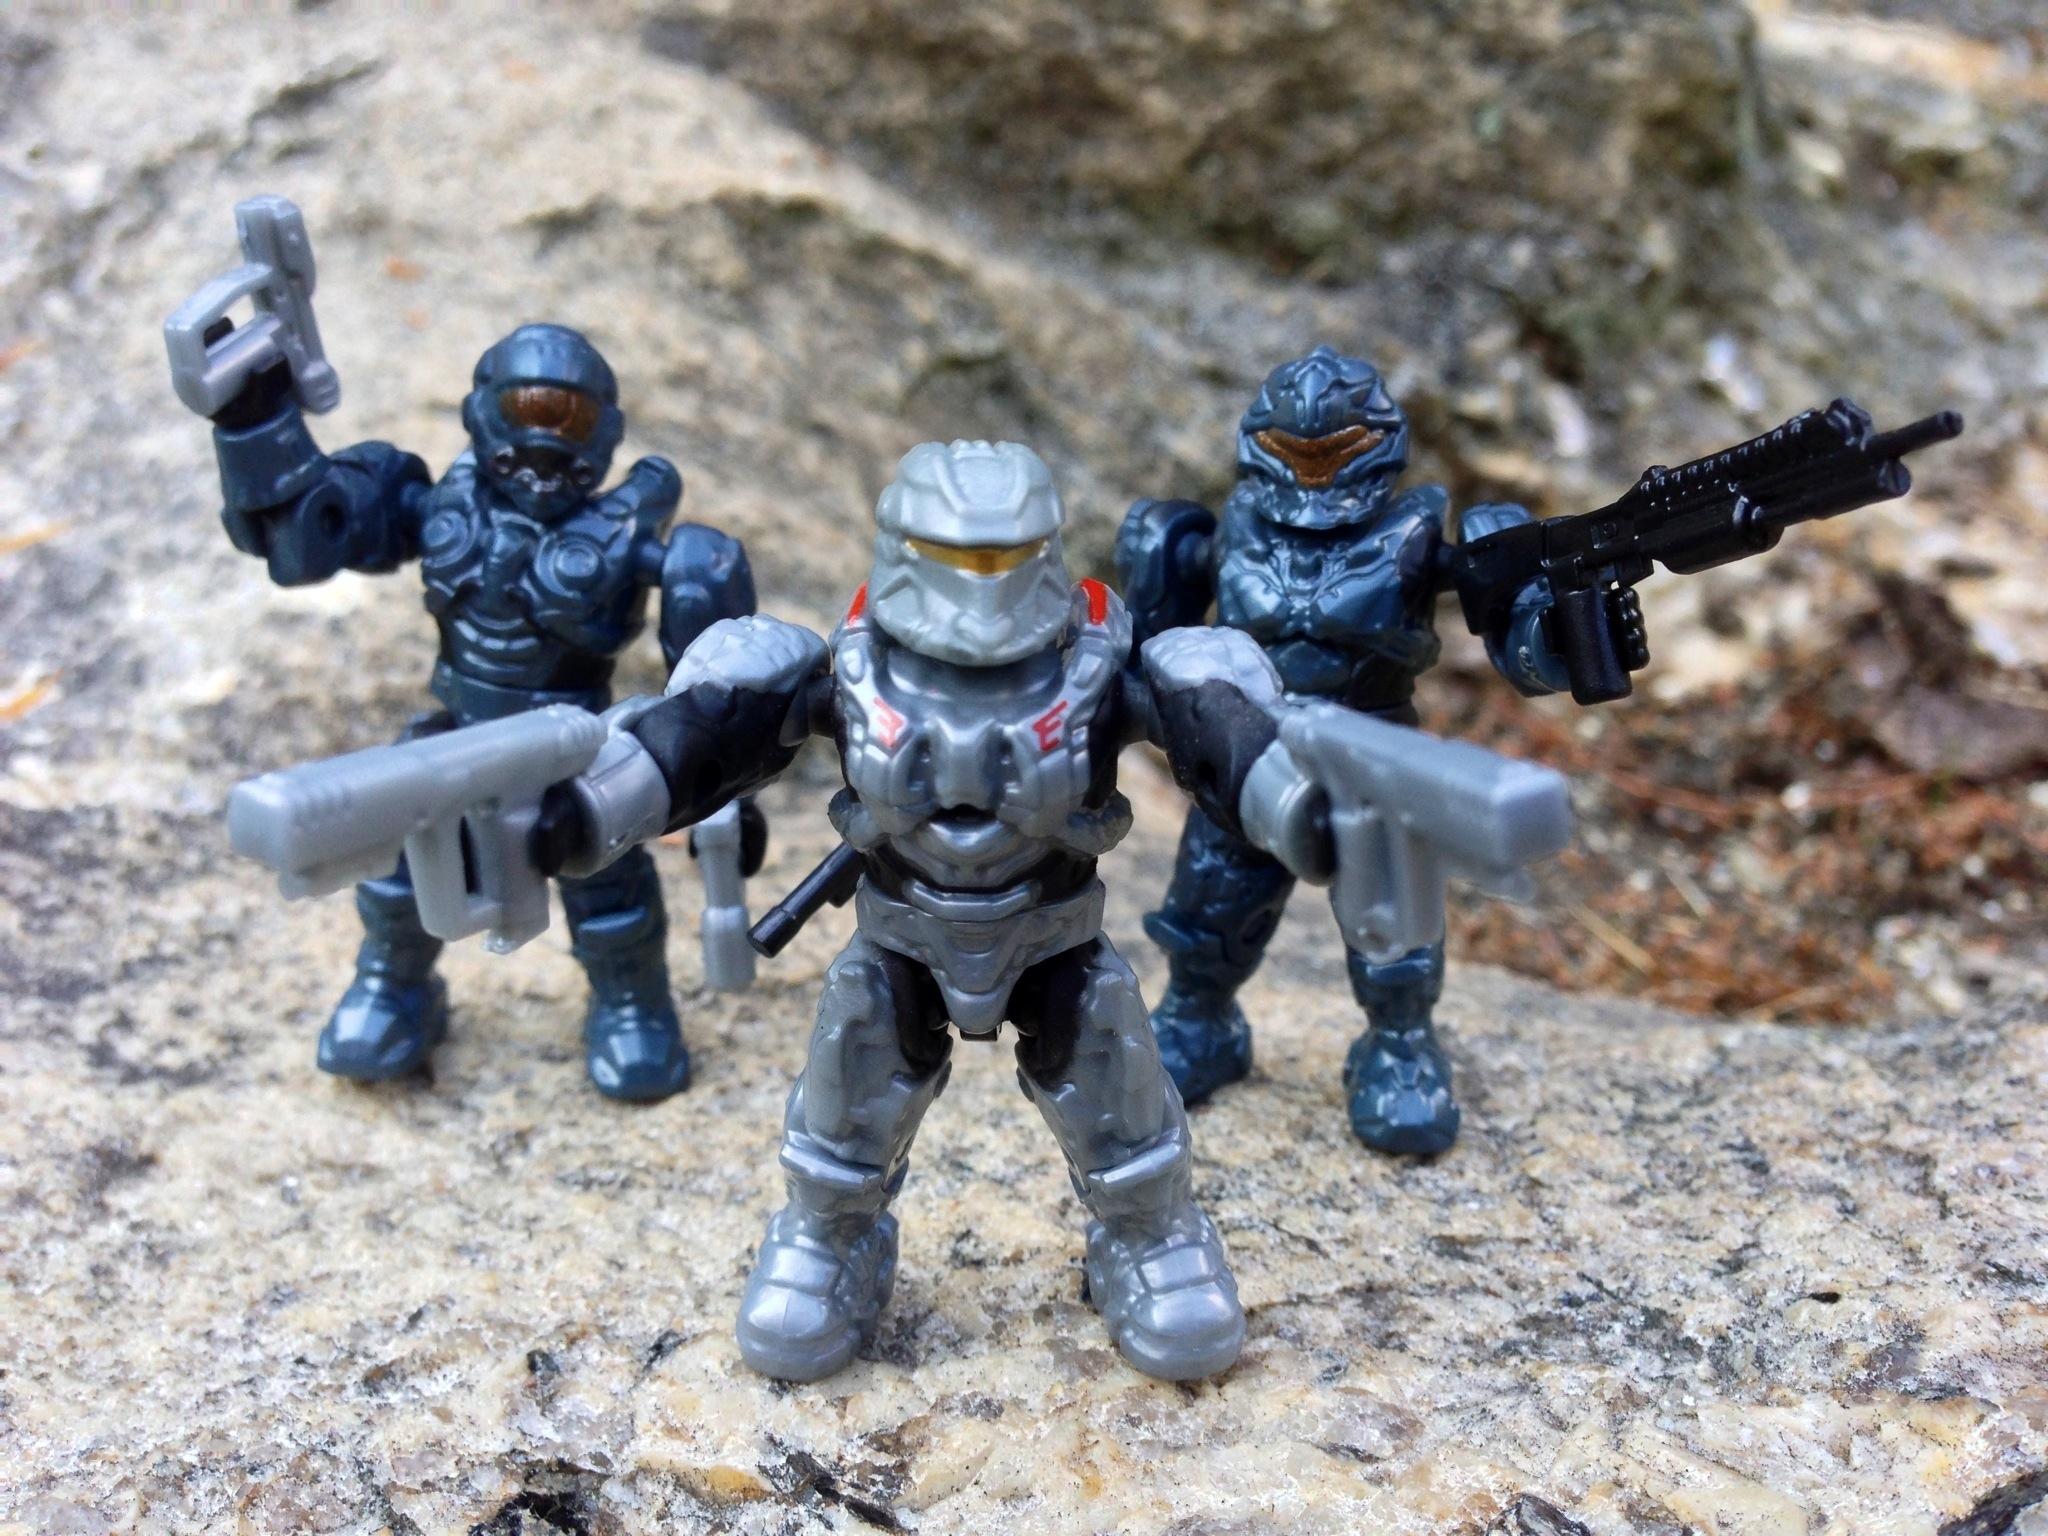 Halo Mega Bloks UNSC Pelican Gunship Review Part 1: Figures